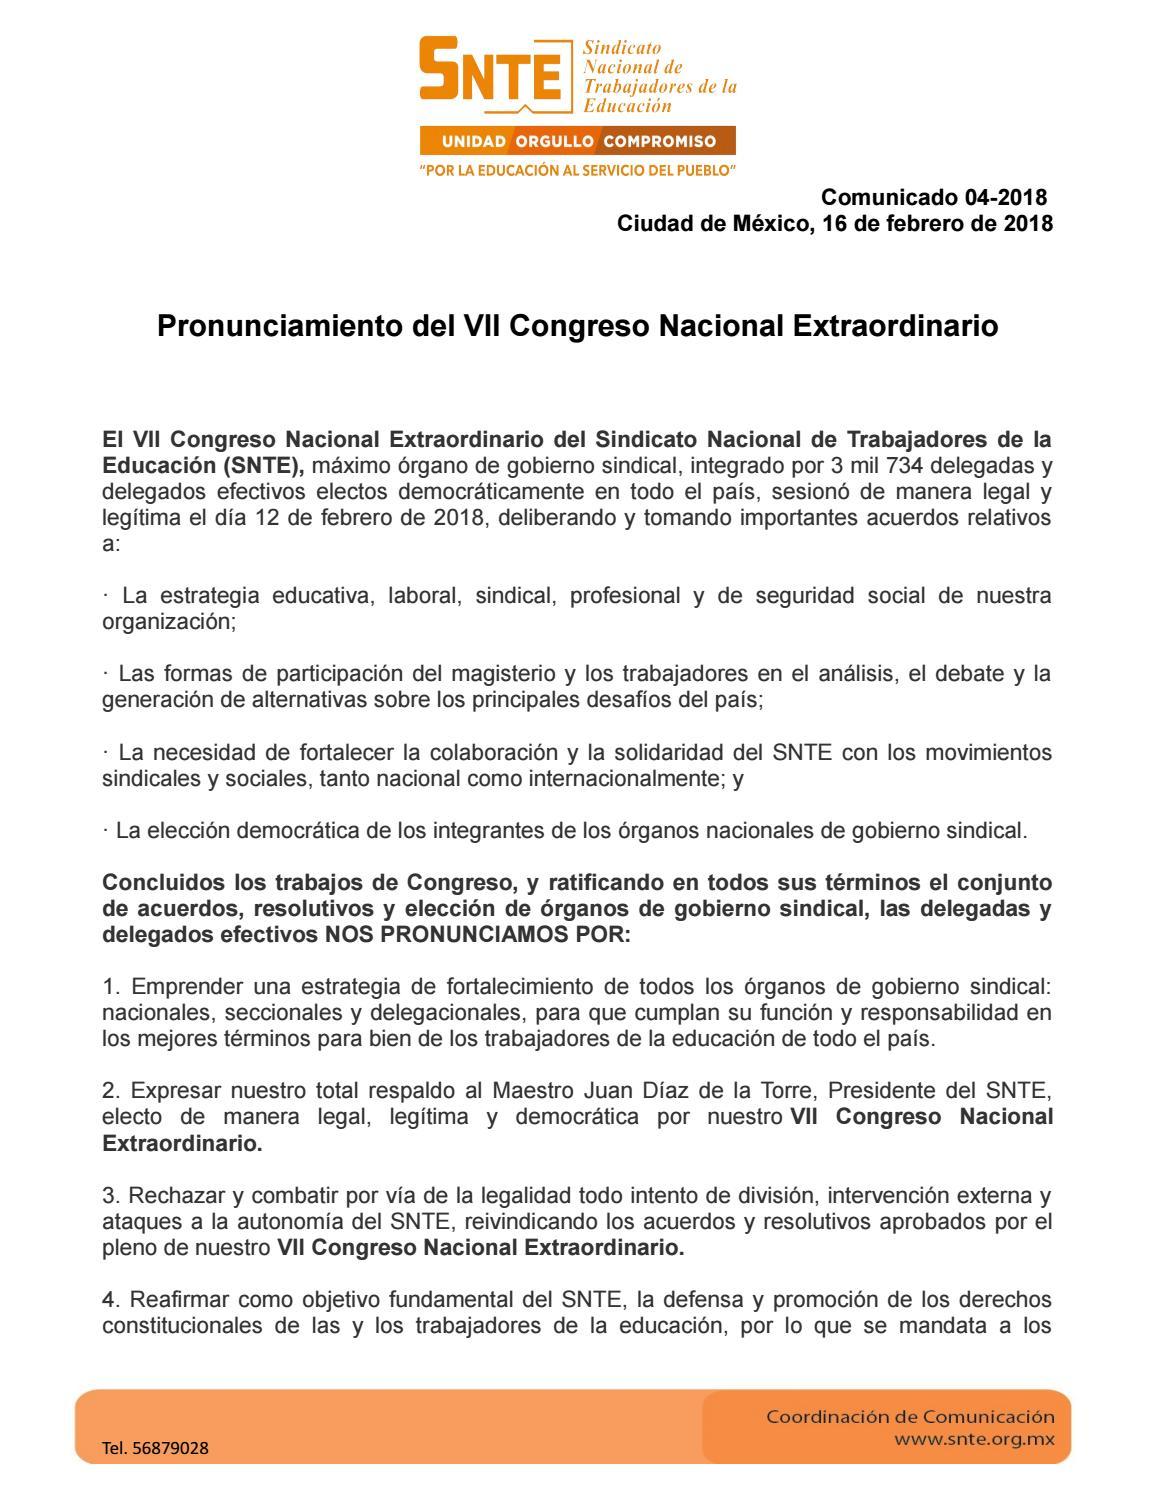 Pronunciamiento del VII Congreso Nacional Extraordinario del